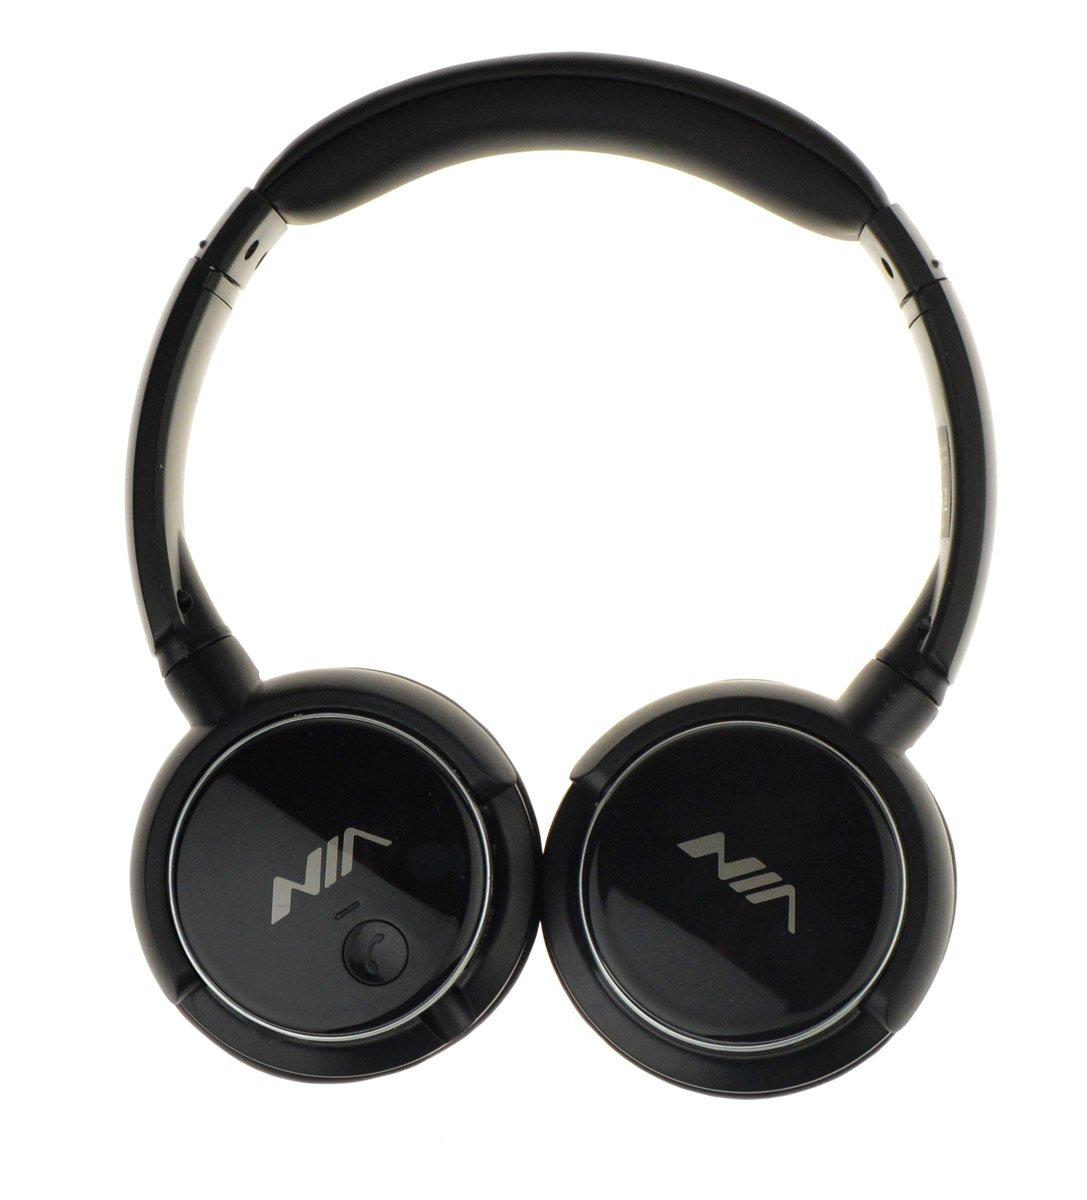 Nia Q1 - Auriculares de Bluetooth auriculares con micrófono apoyo Micro SD Reproductor FM Radio auricular con micrófono: Amazon.es: Electrónica